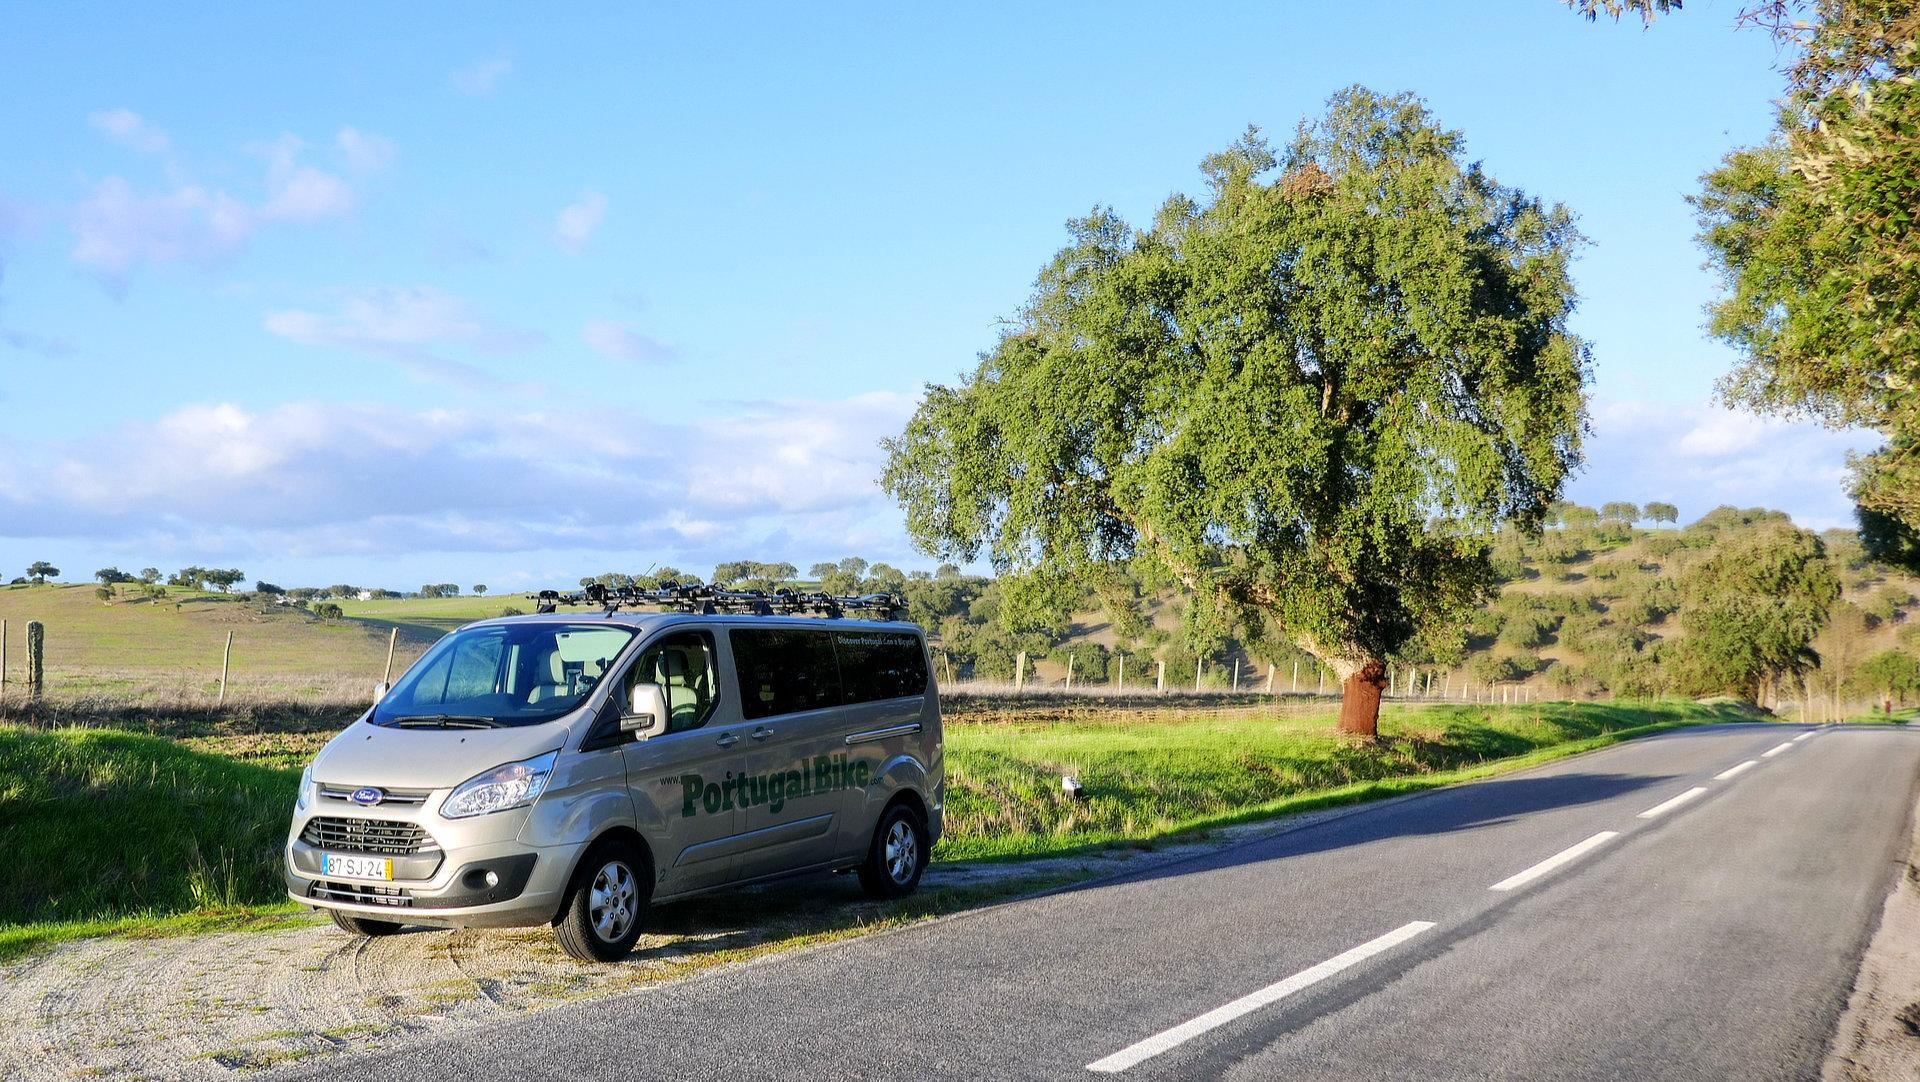 Portugal Bike Vans